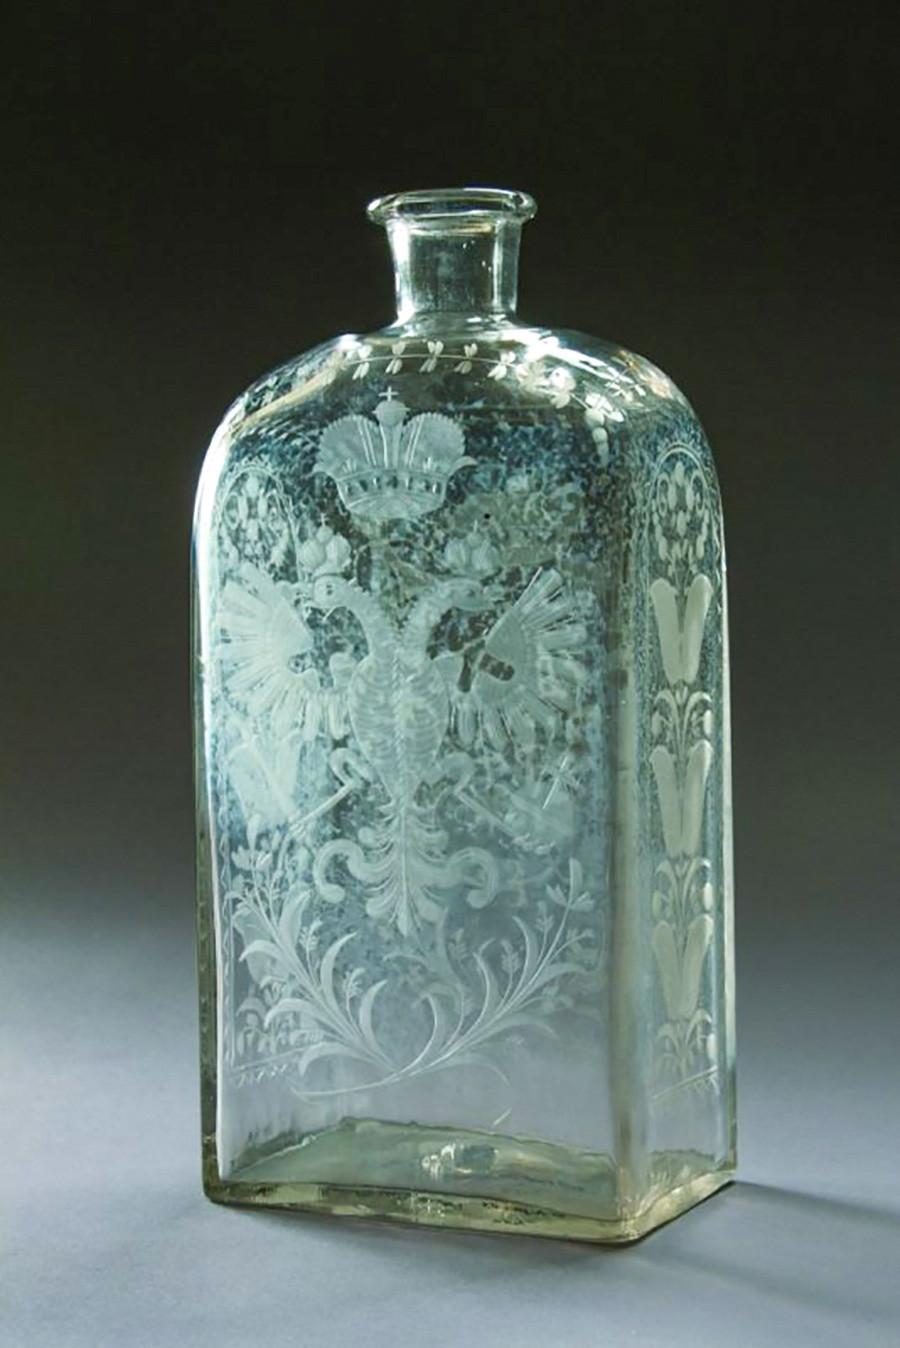 Eine russische Spirituosenflasche aus dem 18. Jahrhundert